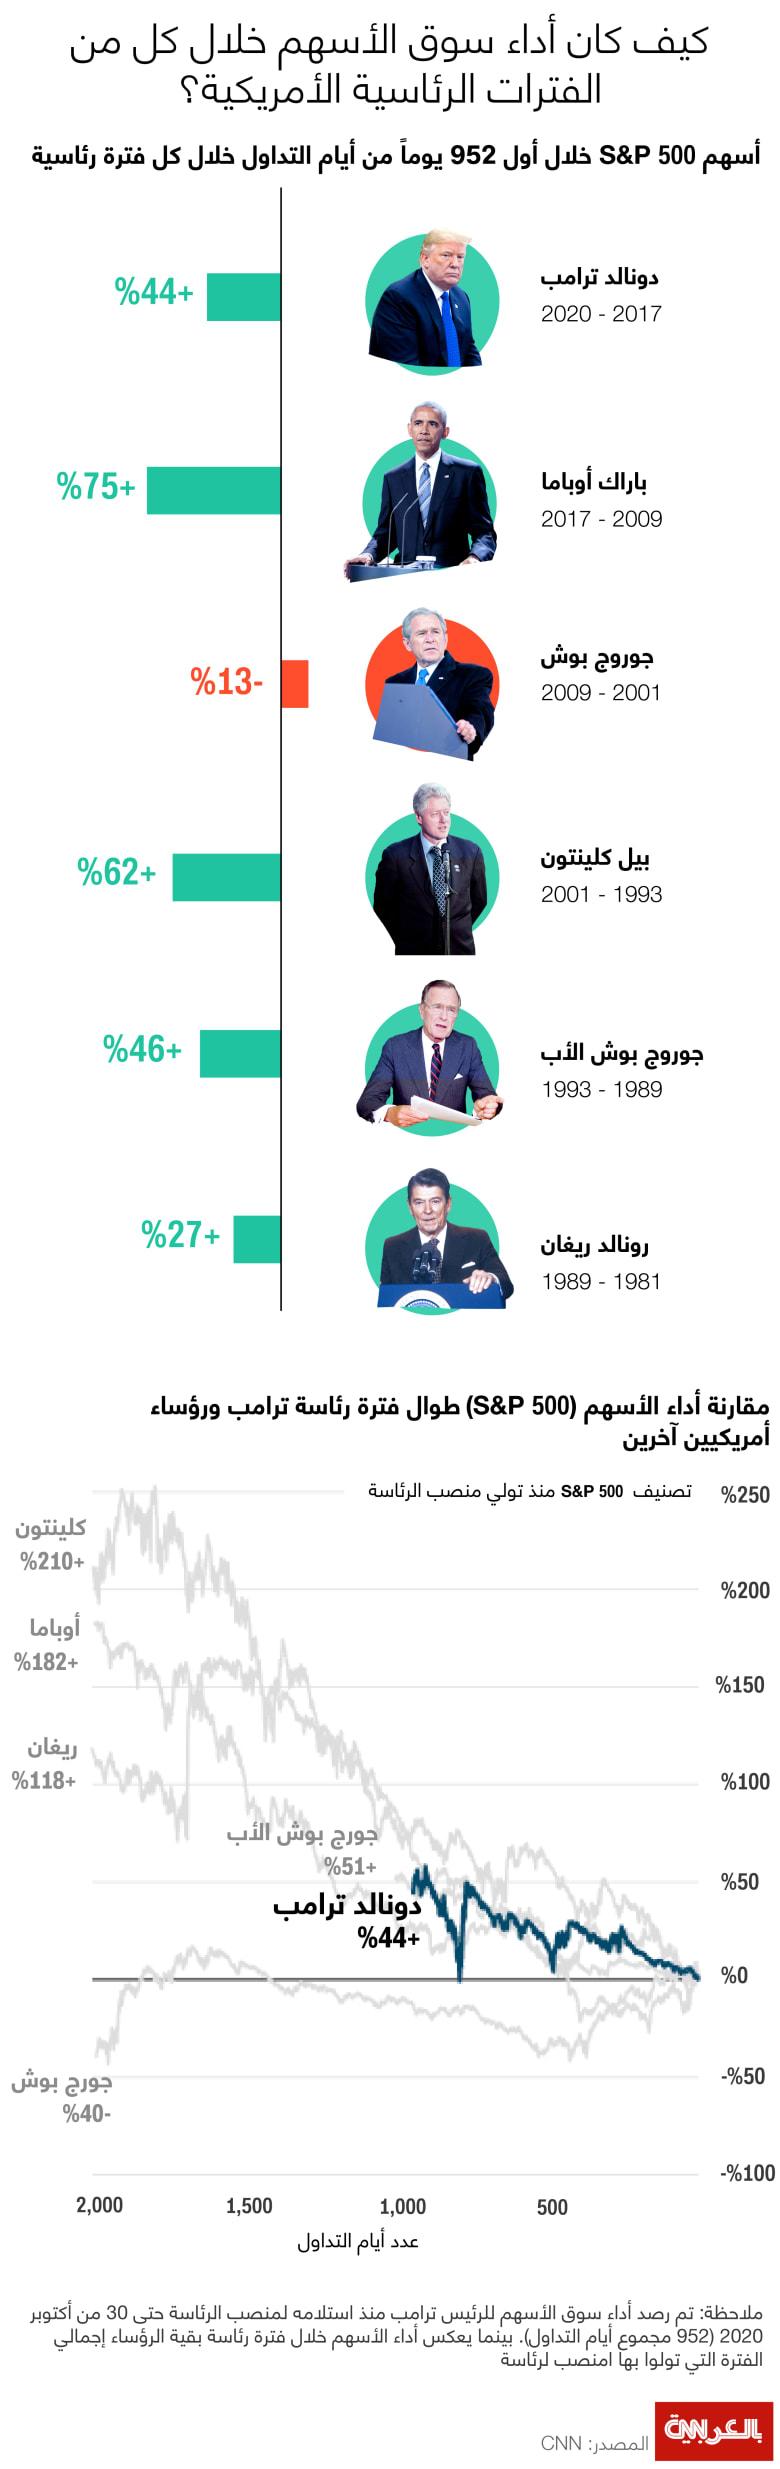 president-stock-market-2020